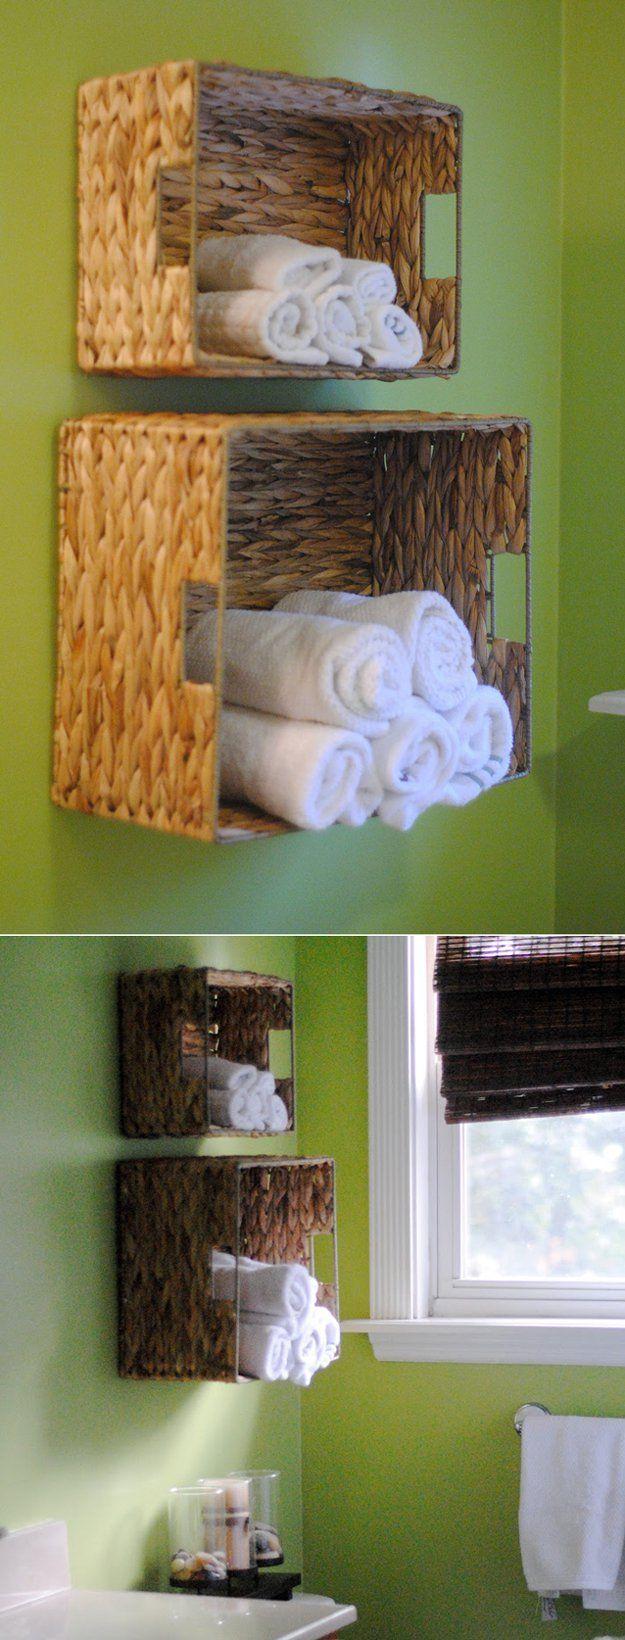 Cesta de baño de bricolaje Ideas Organización | http://artesaniasdebricolaje.ru/organization-hacks-bathroom-storage-ideas/